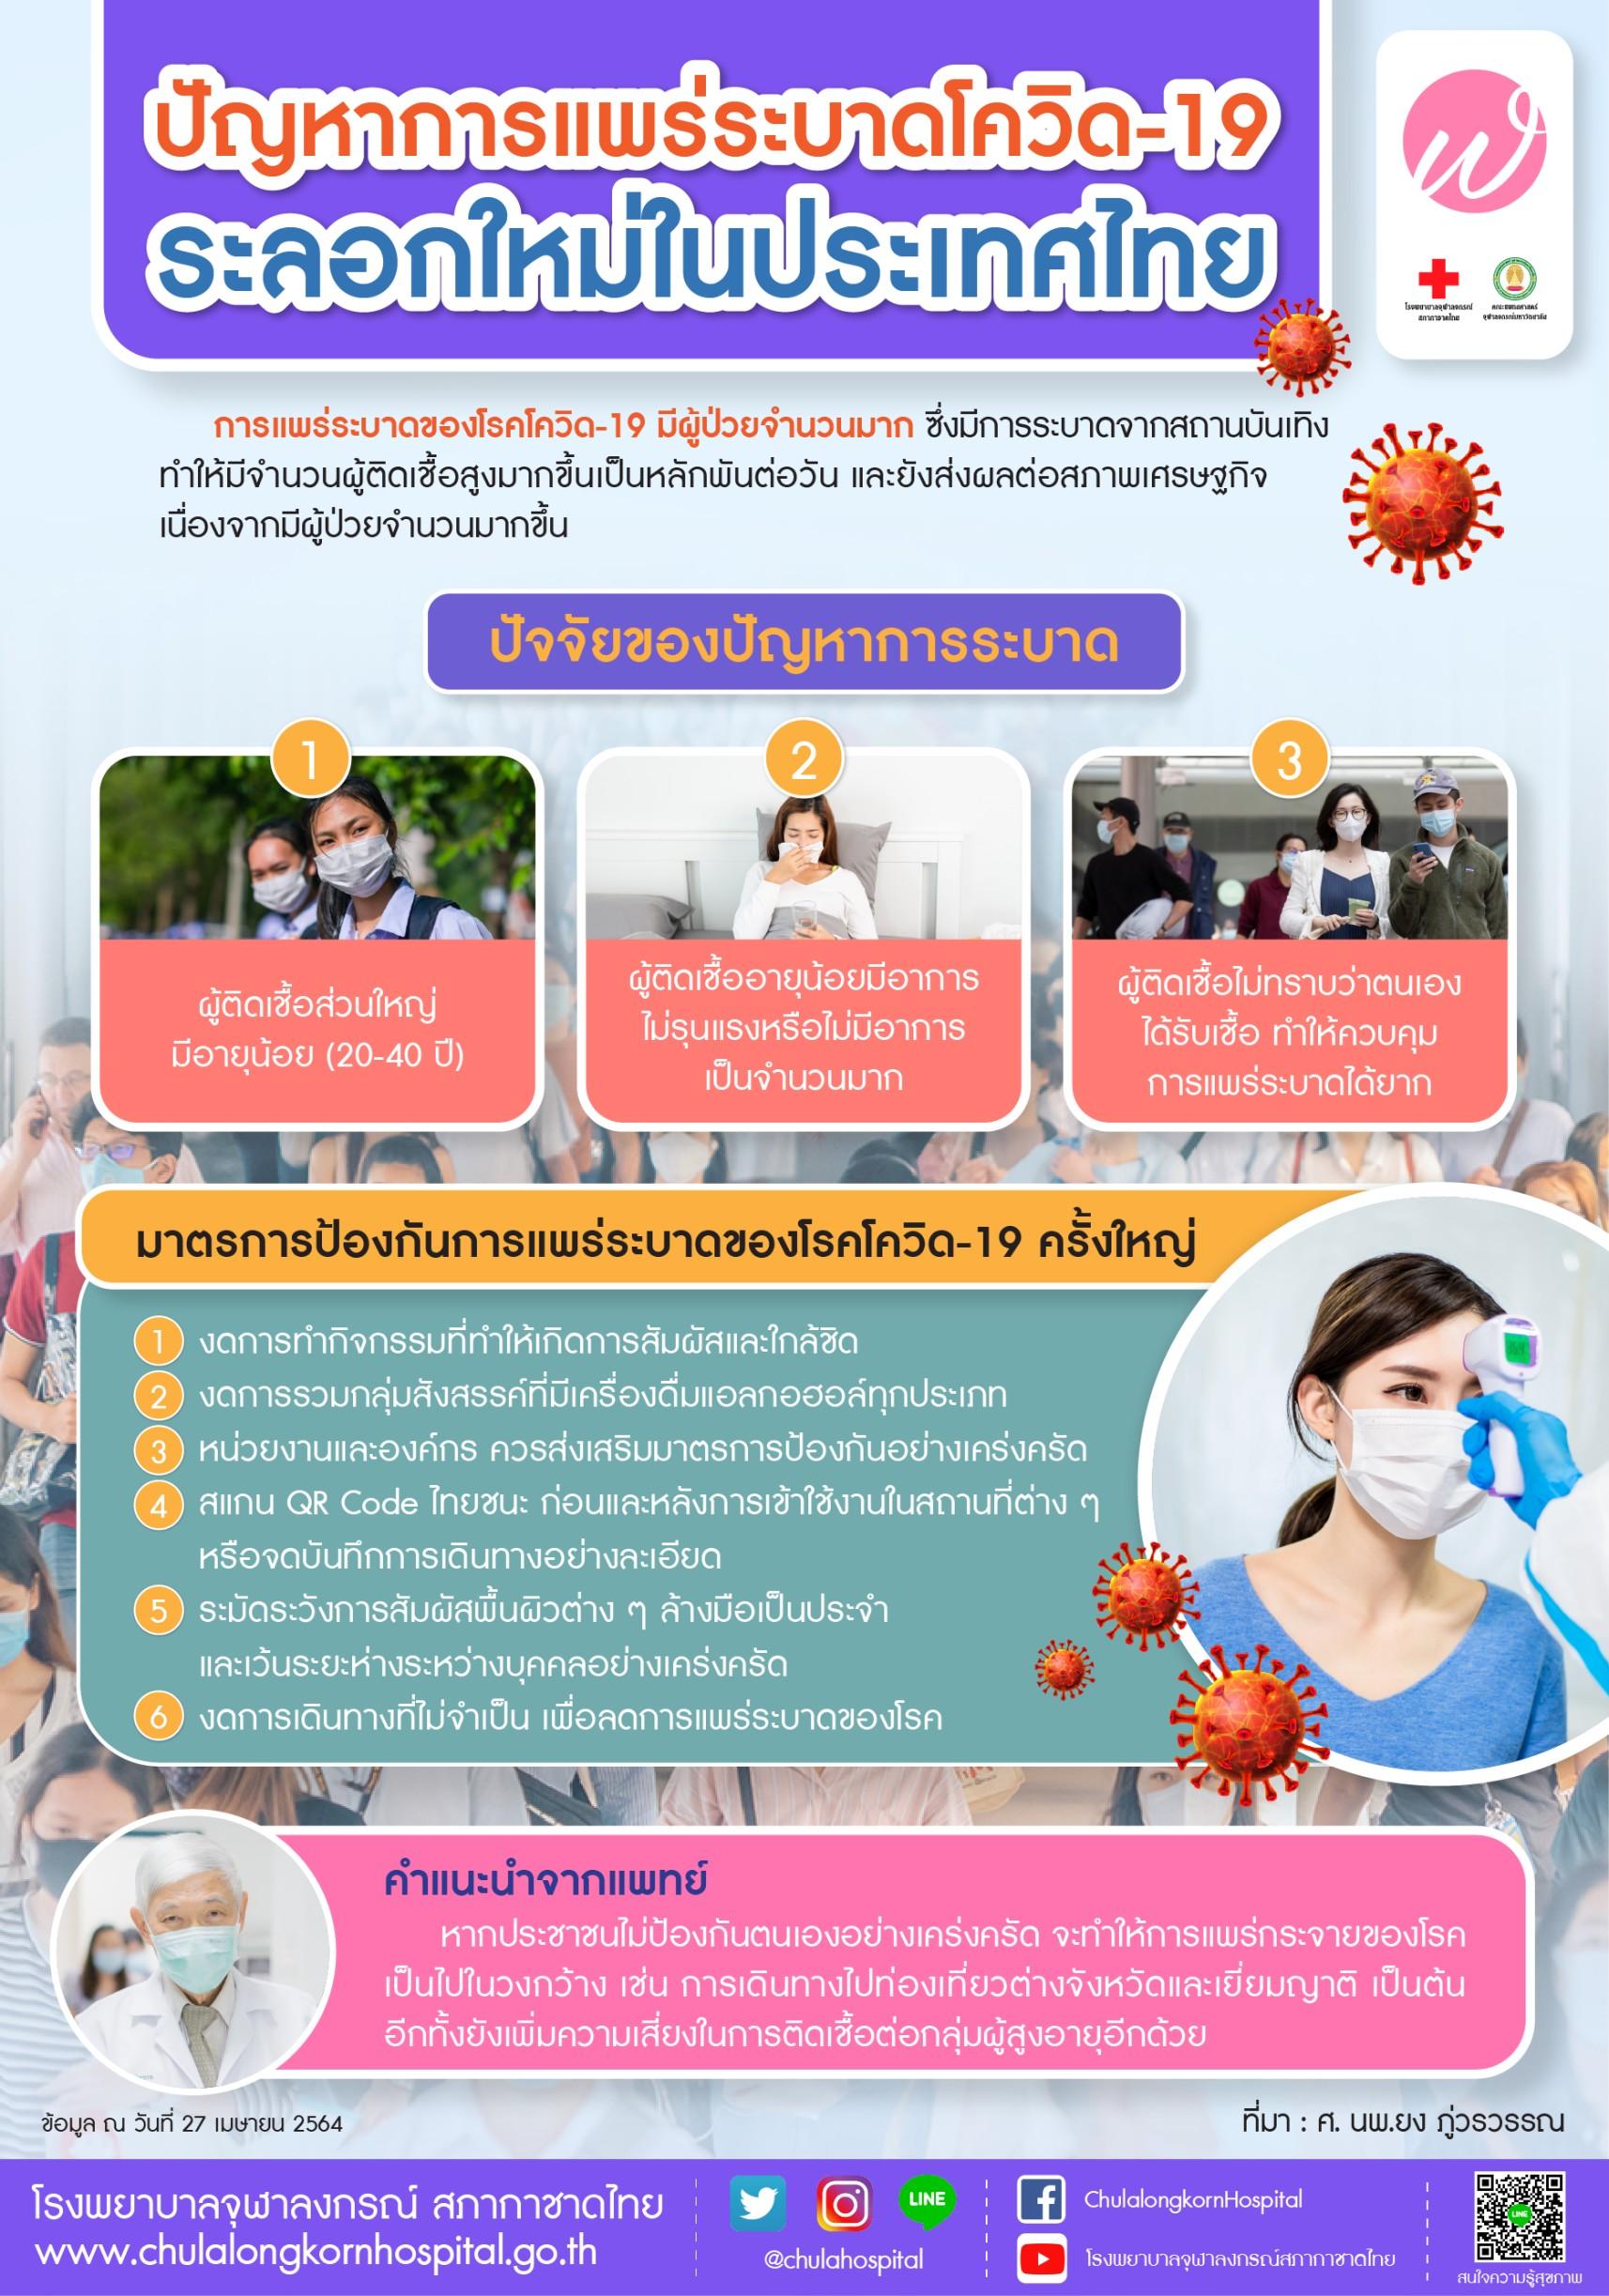 ปัญหาการแพร่ระบาดโควิด-19 ระลอกใหม่ในประเทศไทย